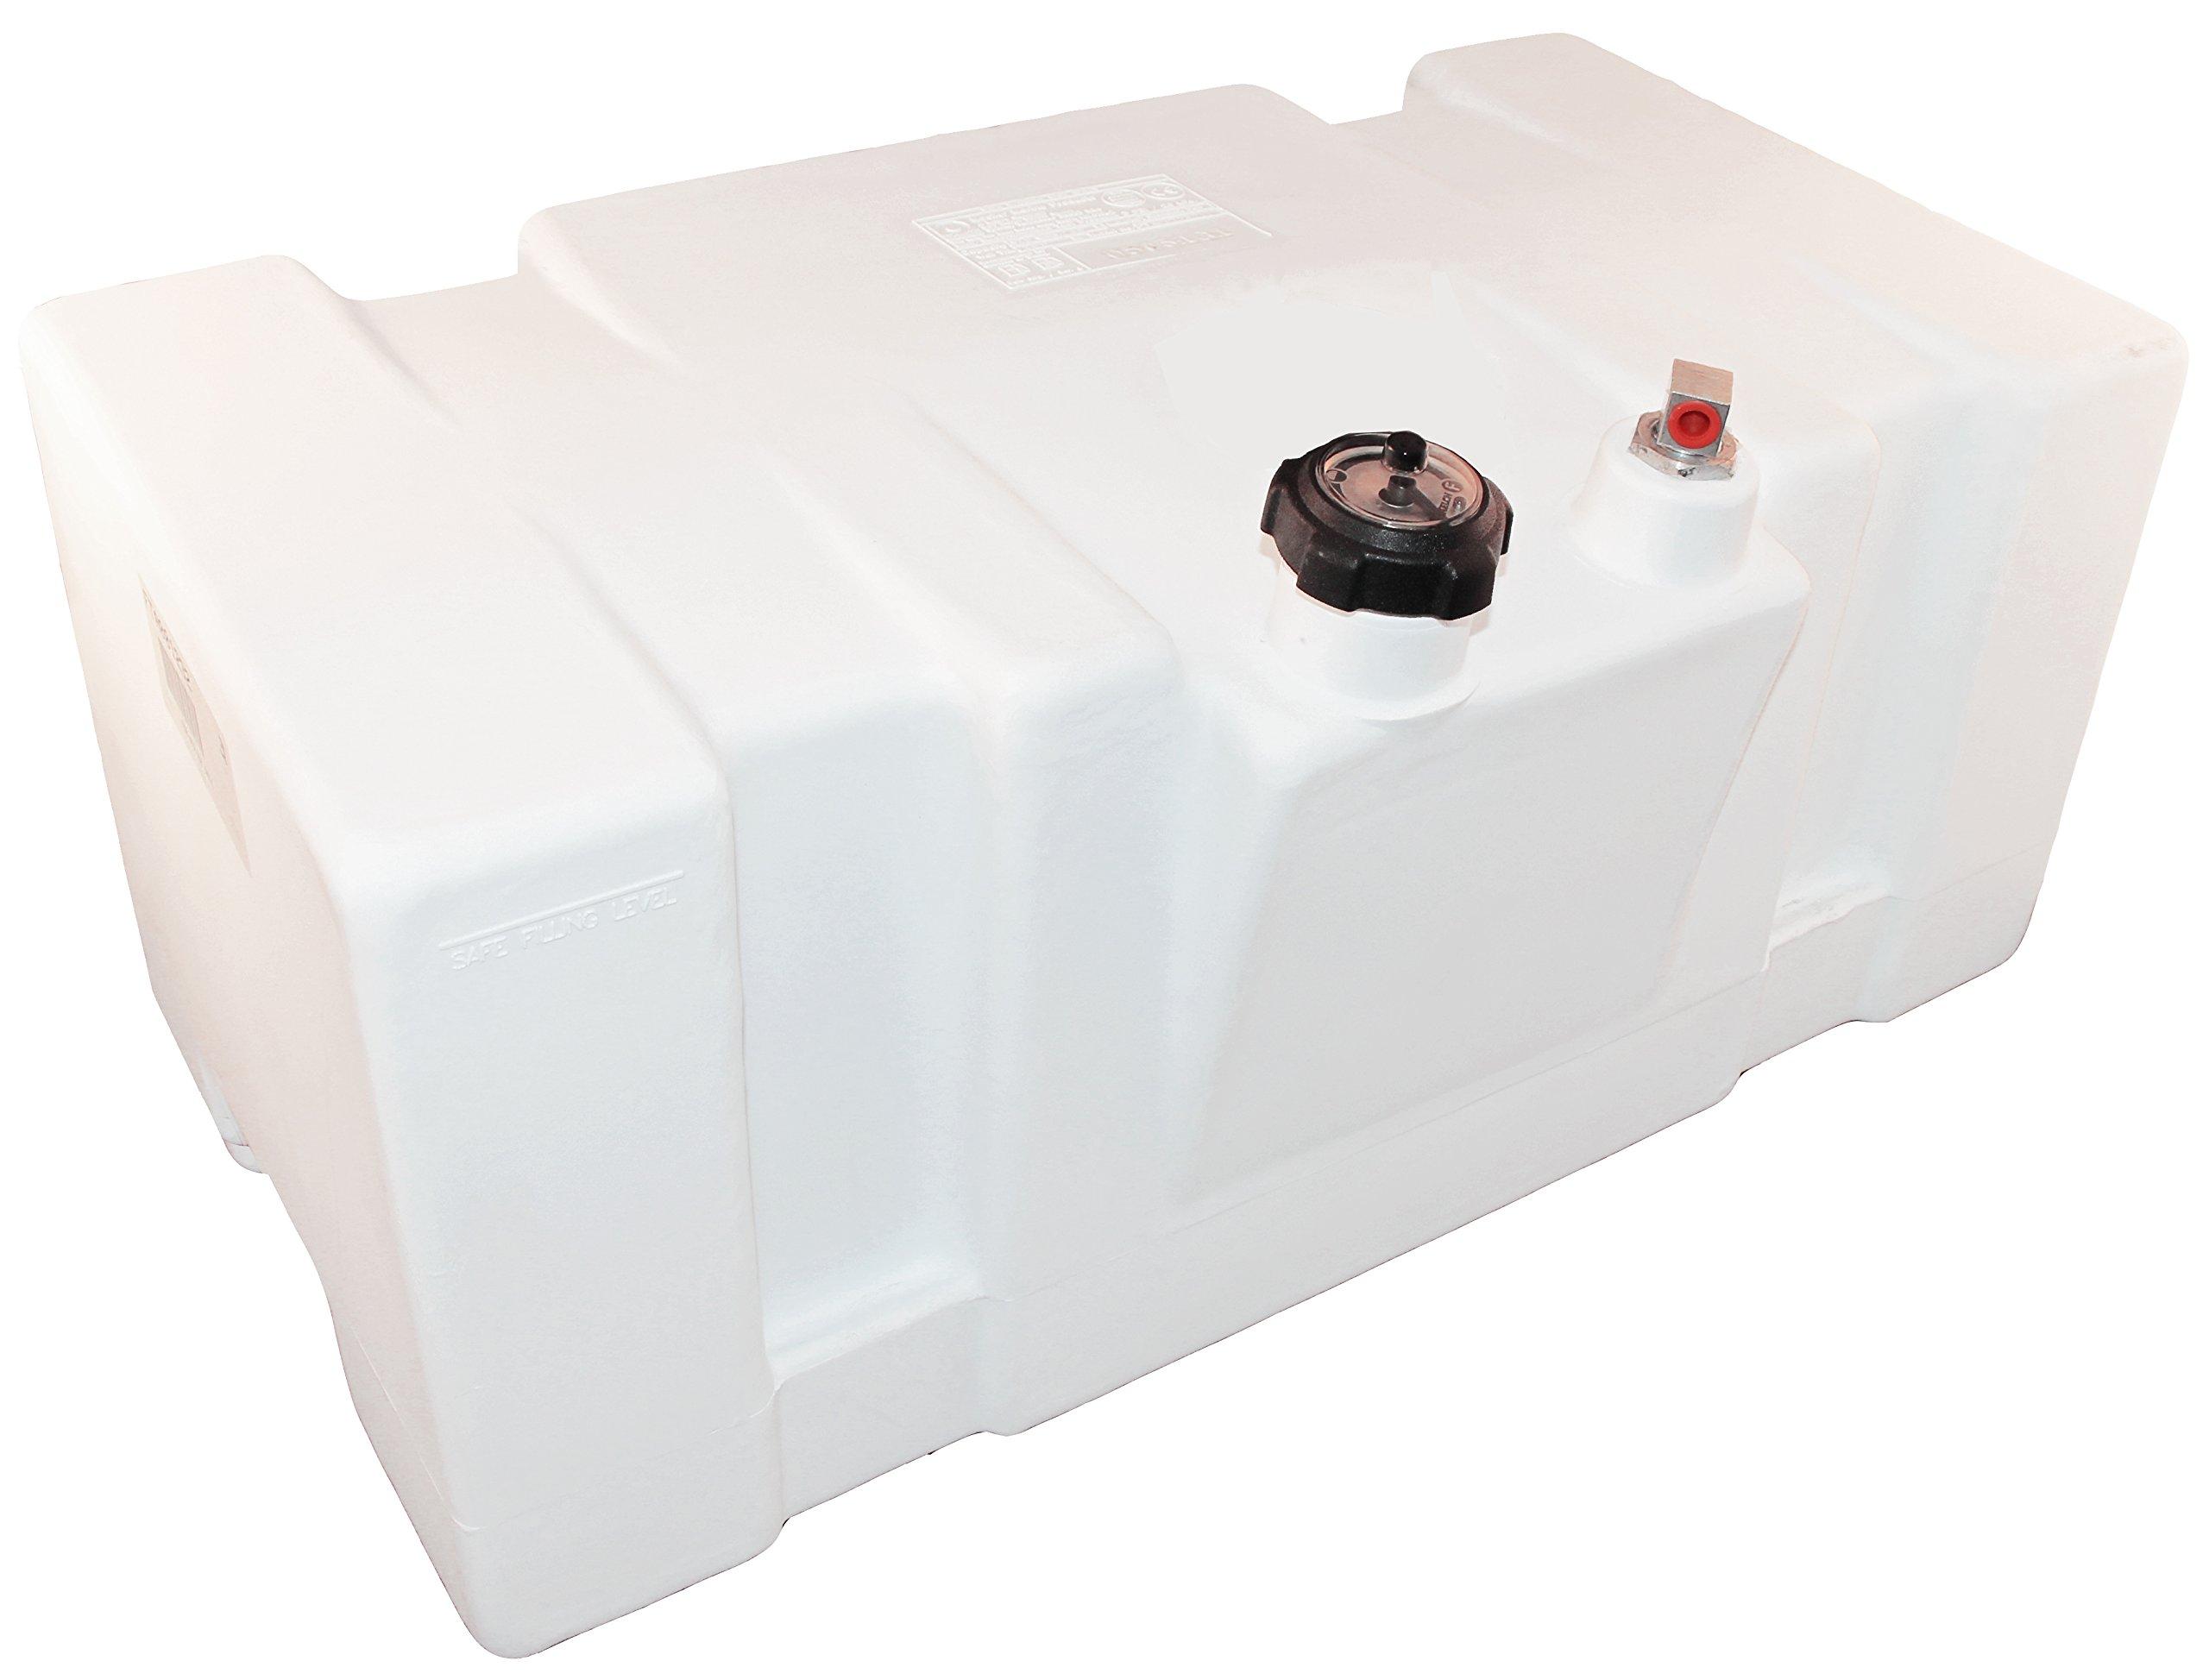 Moeller Marine Product 22-Gallon Topside Tank by Moeller Marine